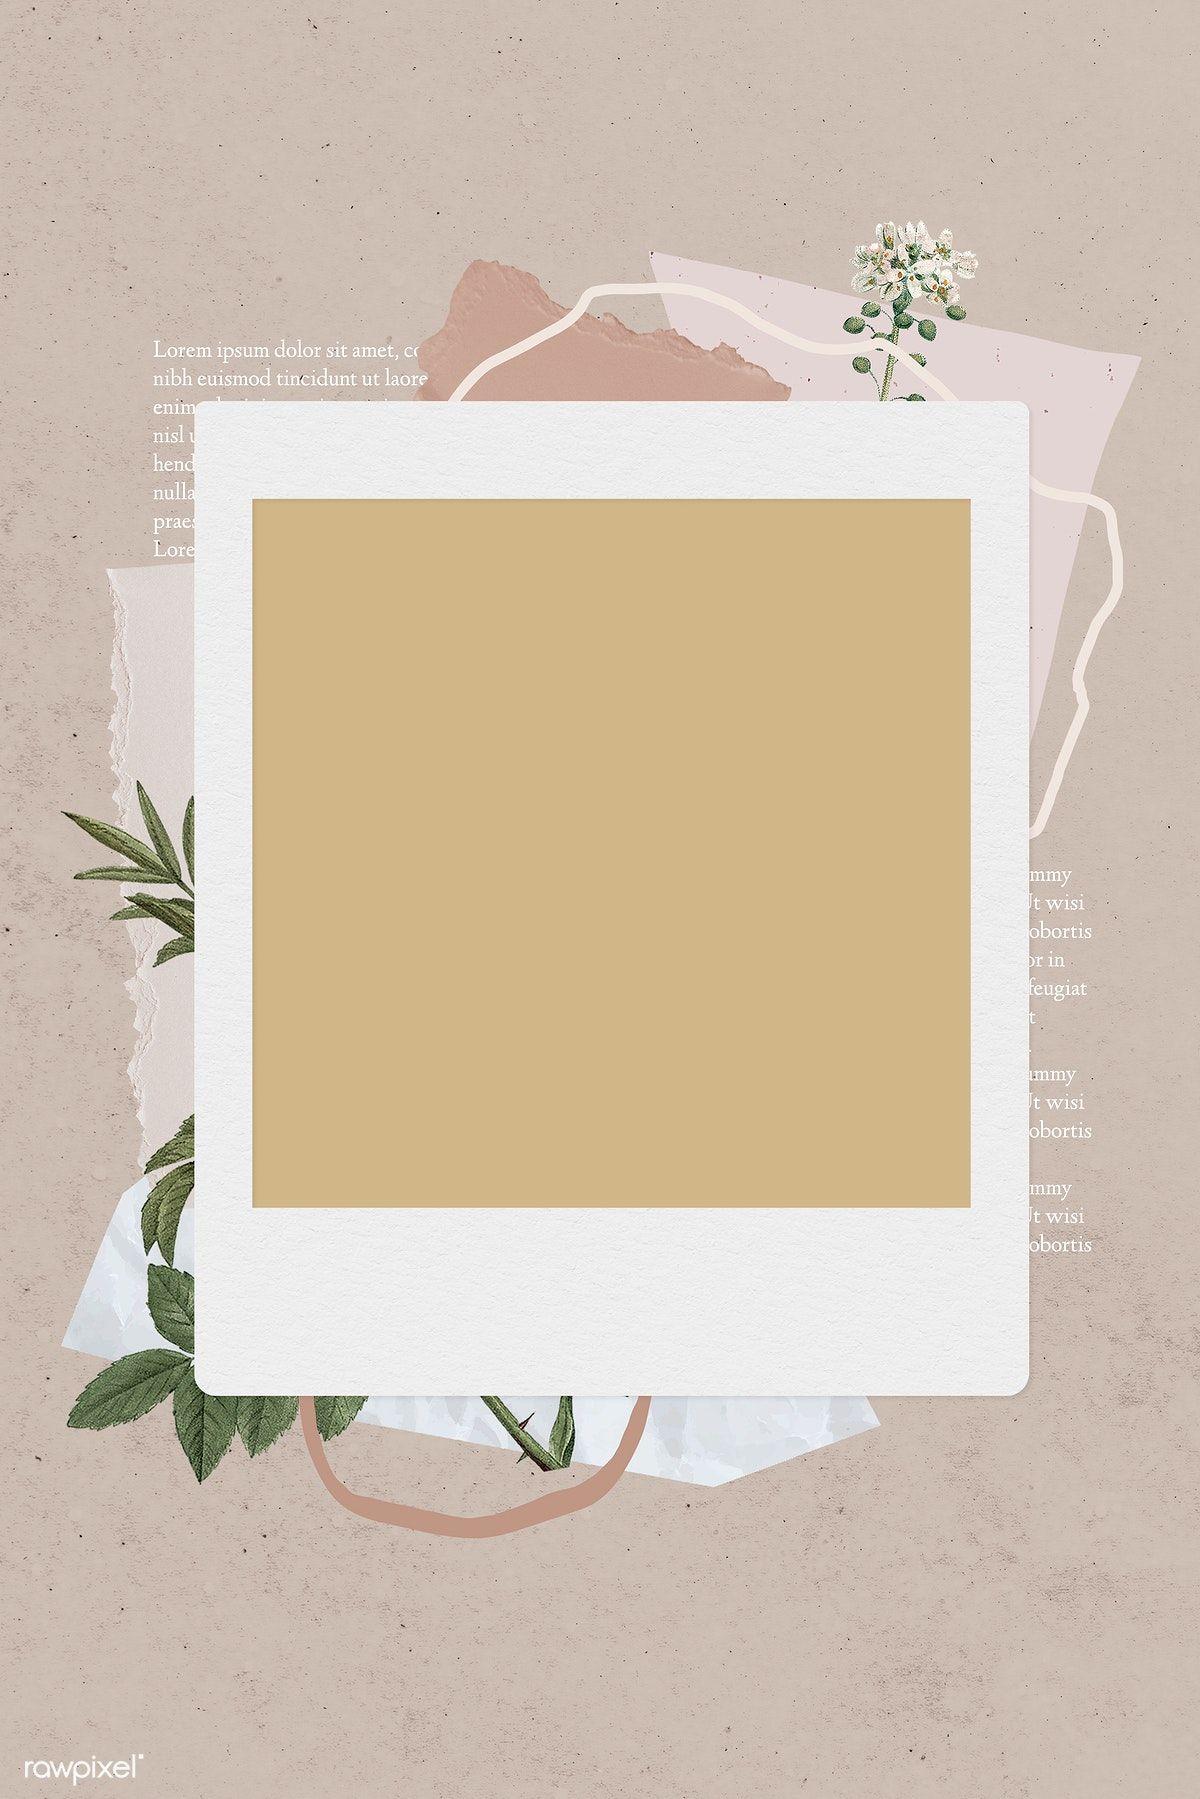 Download Premium Illustration Of Blank Collage Photo Frame Template On Ilustrasi Bisnis Kartu Pernikahan Bingkai Foto